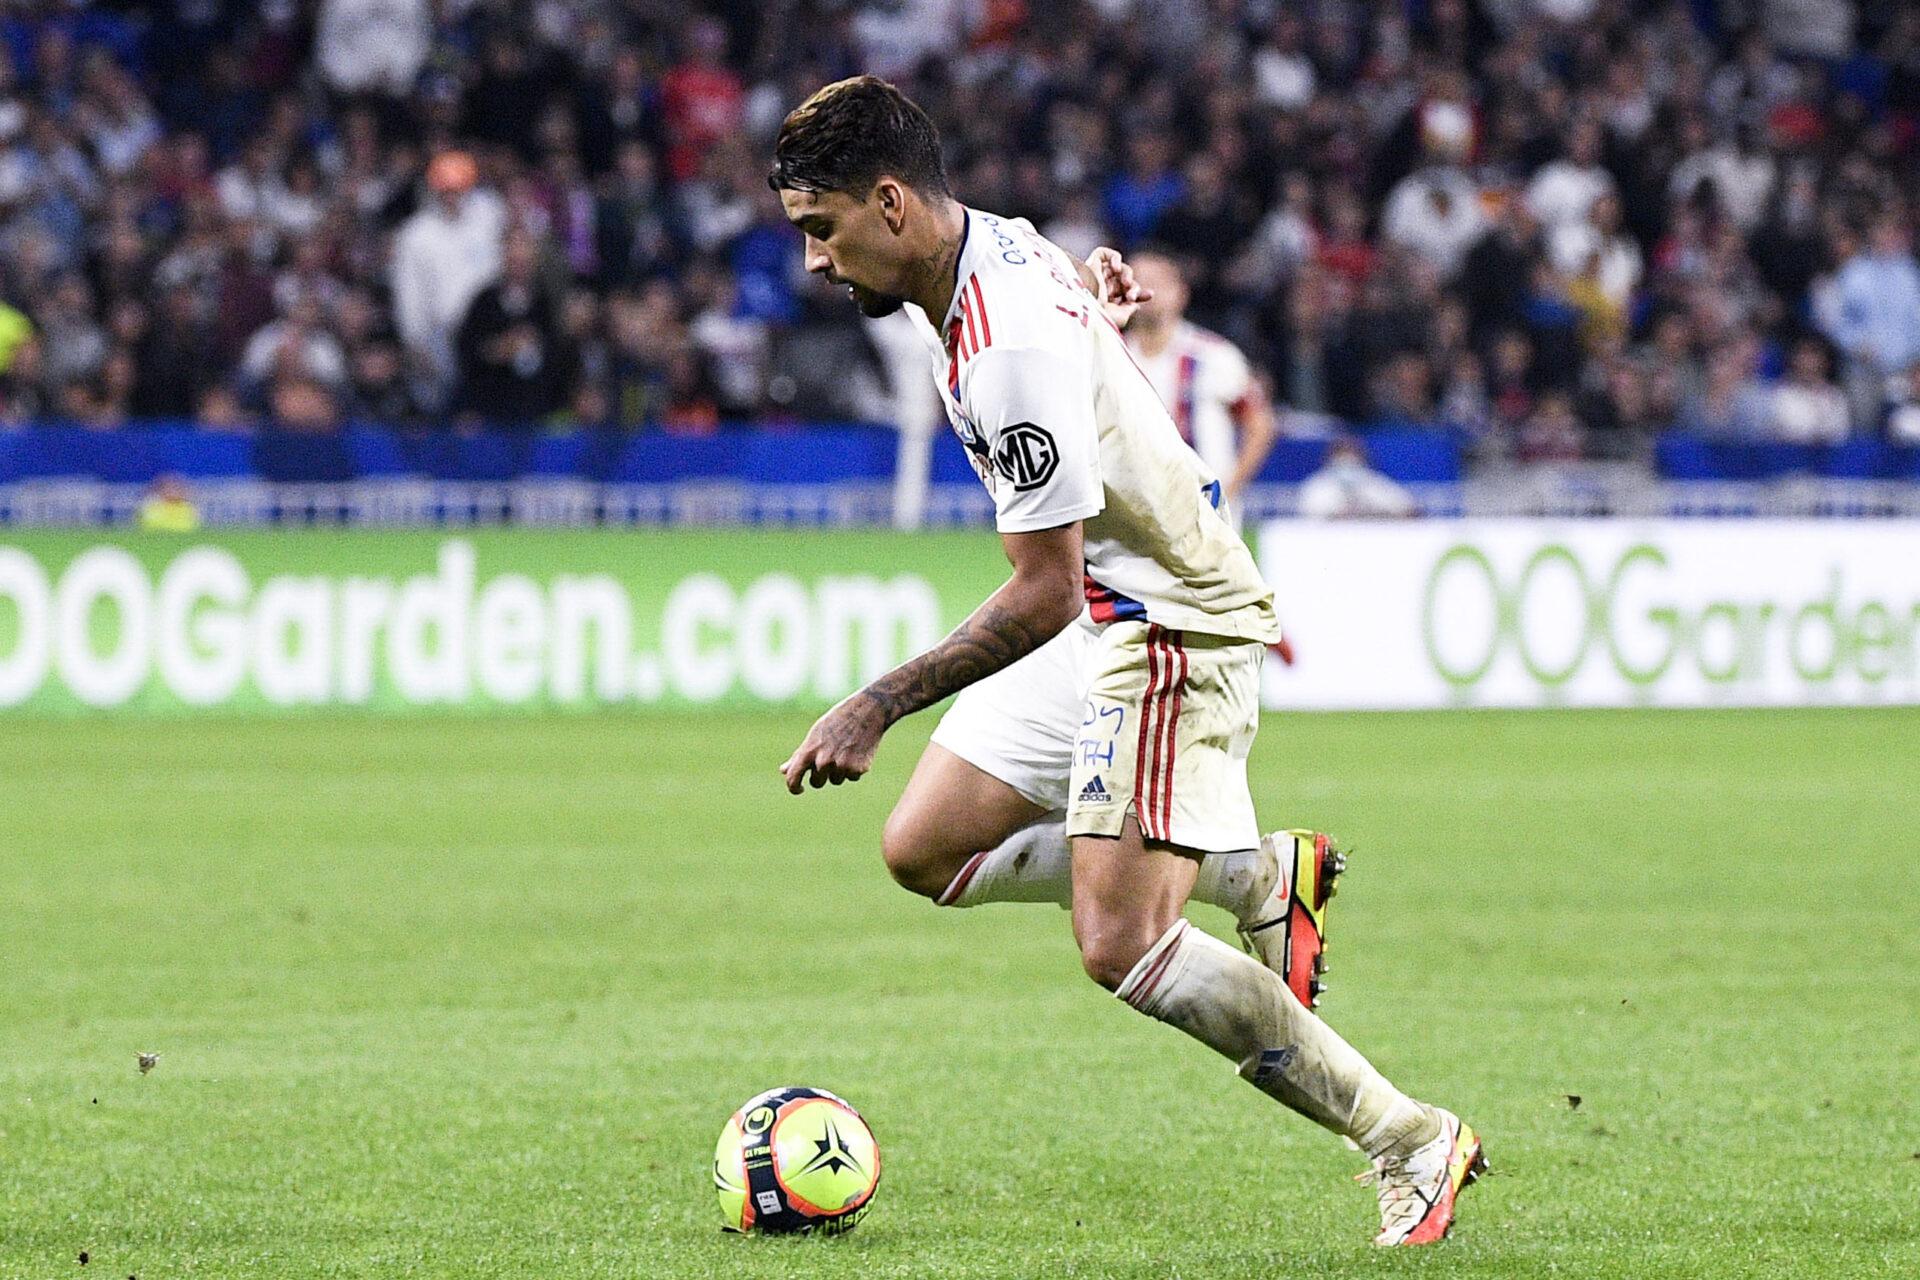 L'Olympique Lyonnais devra certainement faire sans Lucas Paqueta contre l'AS Monaco, le 16 octobre prochain. Icon Sport